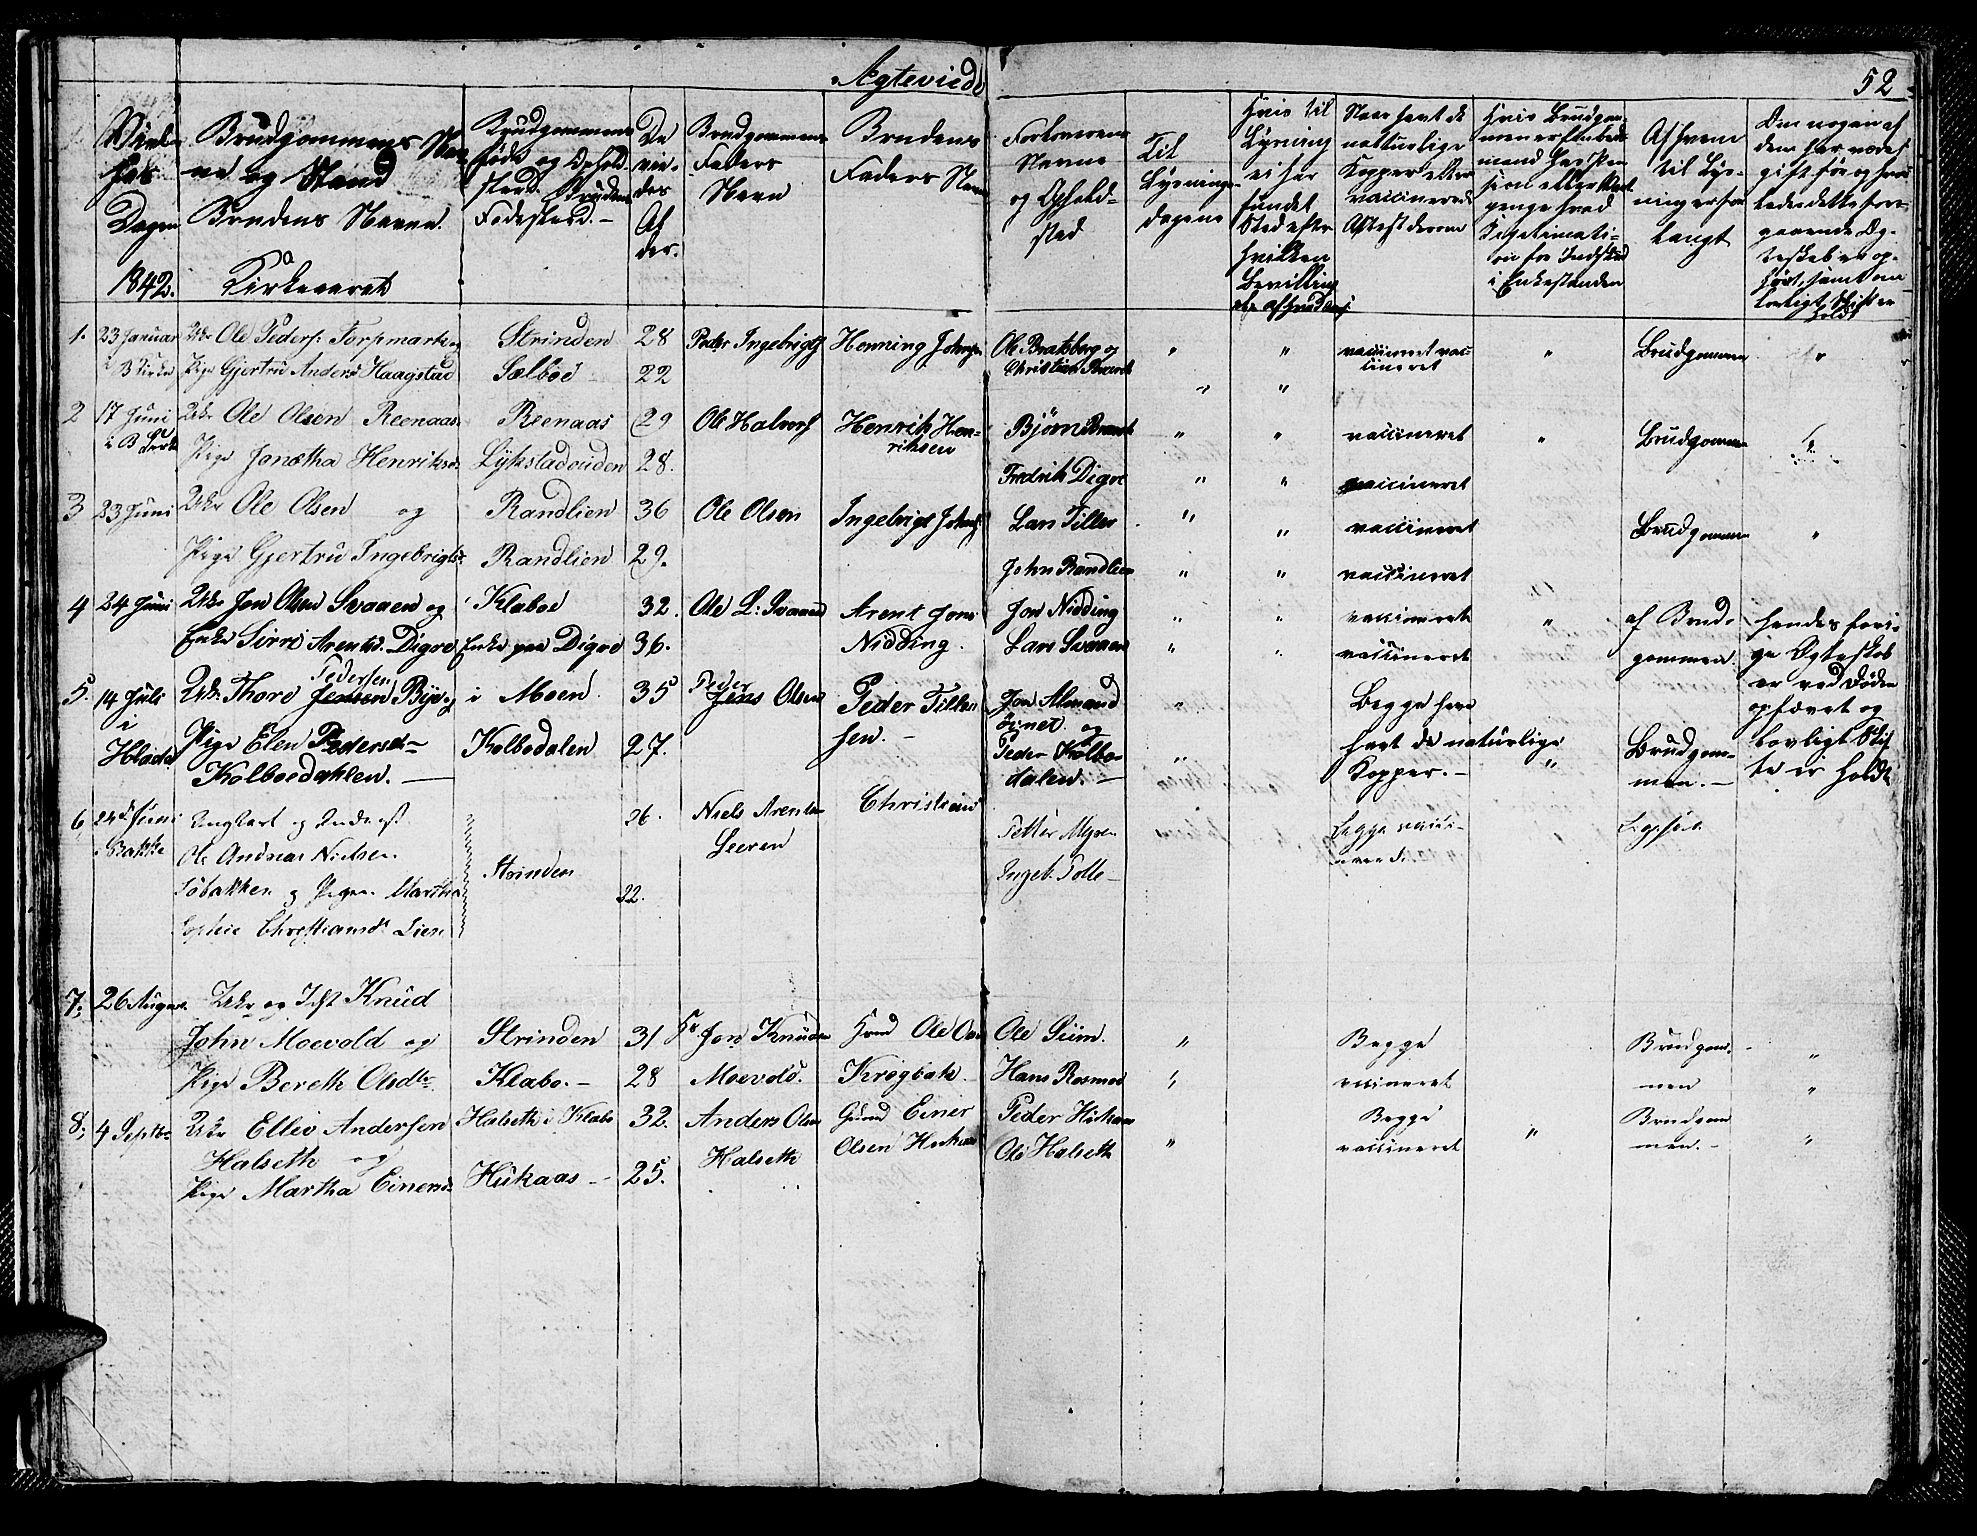 SAT, Ministerialprotokoller, klokkerbøker og fødselsregistre - Sør-Trøndelag, 608/L0338: Klokkerbok nr. 608C04, 1831-1843, s. 52